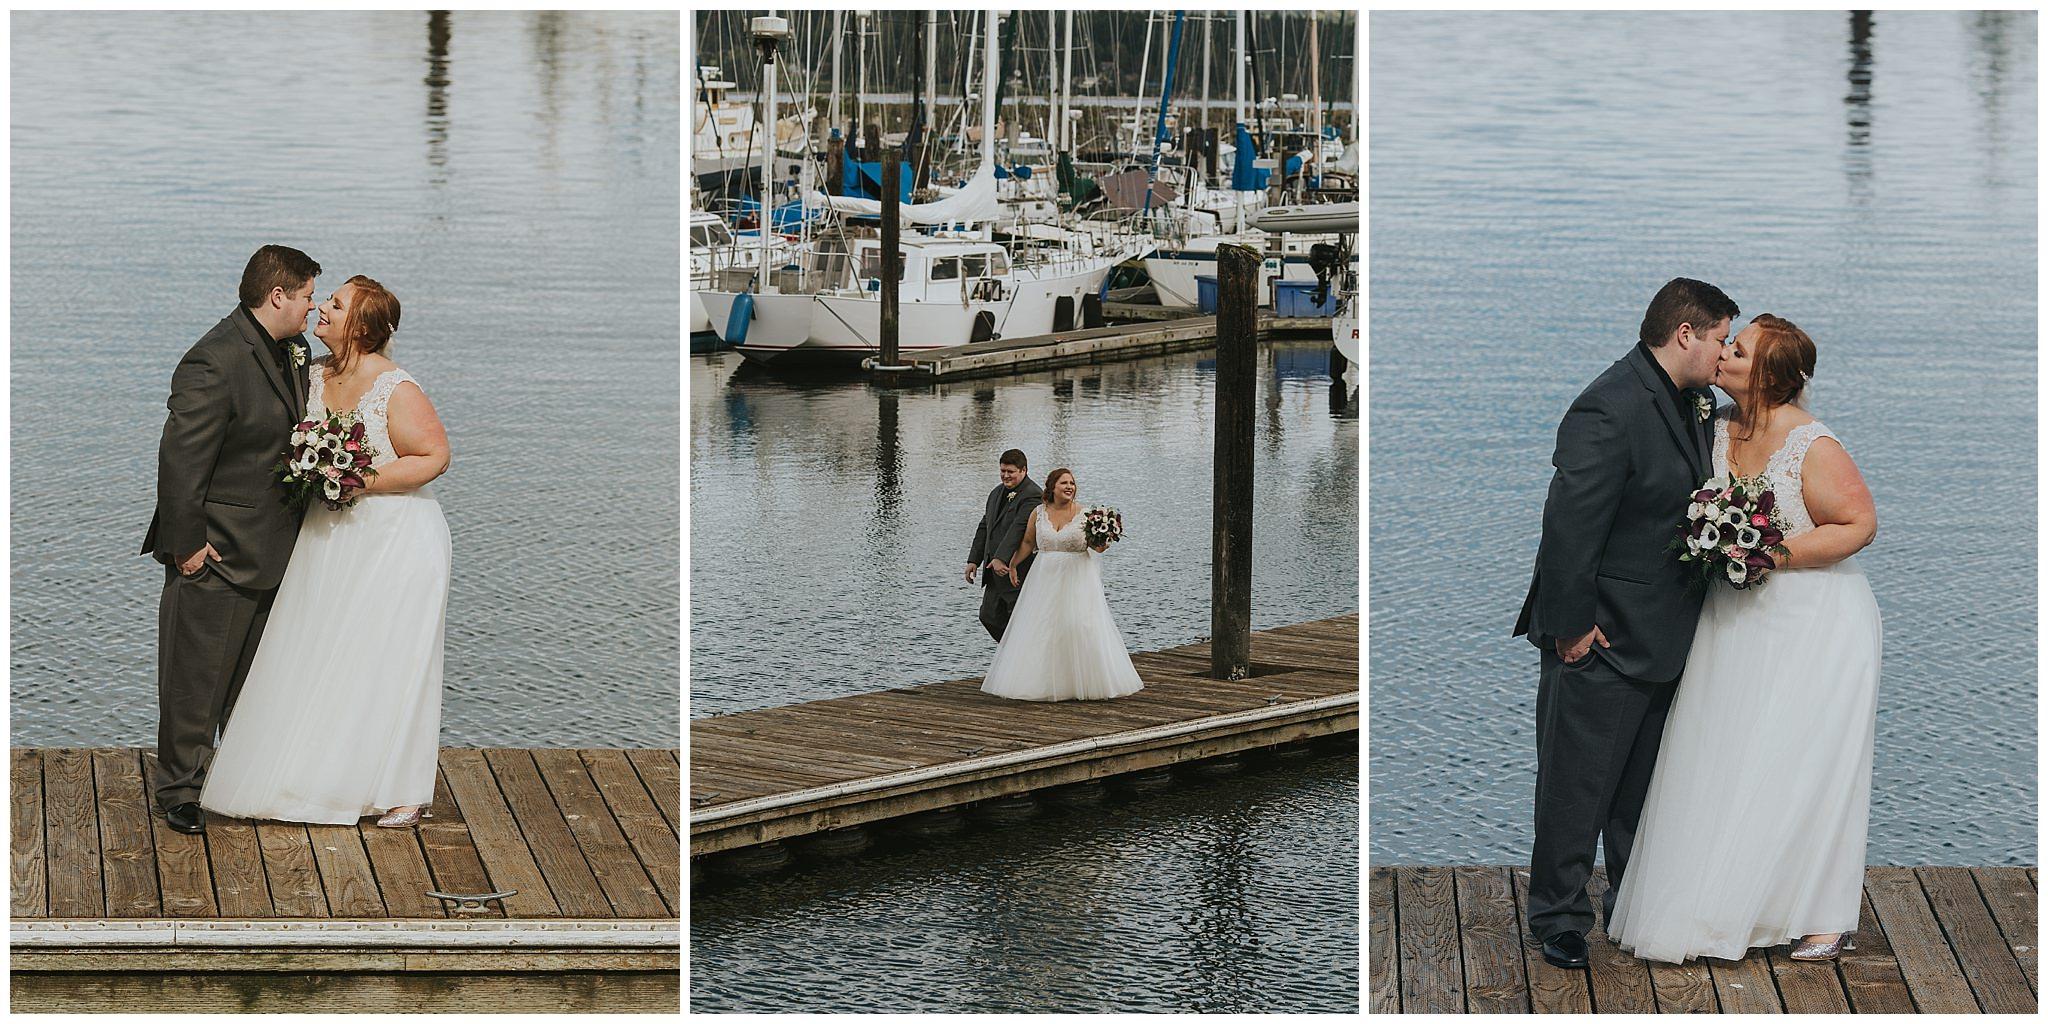 seattleweddingphotography41.jpg